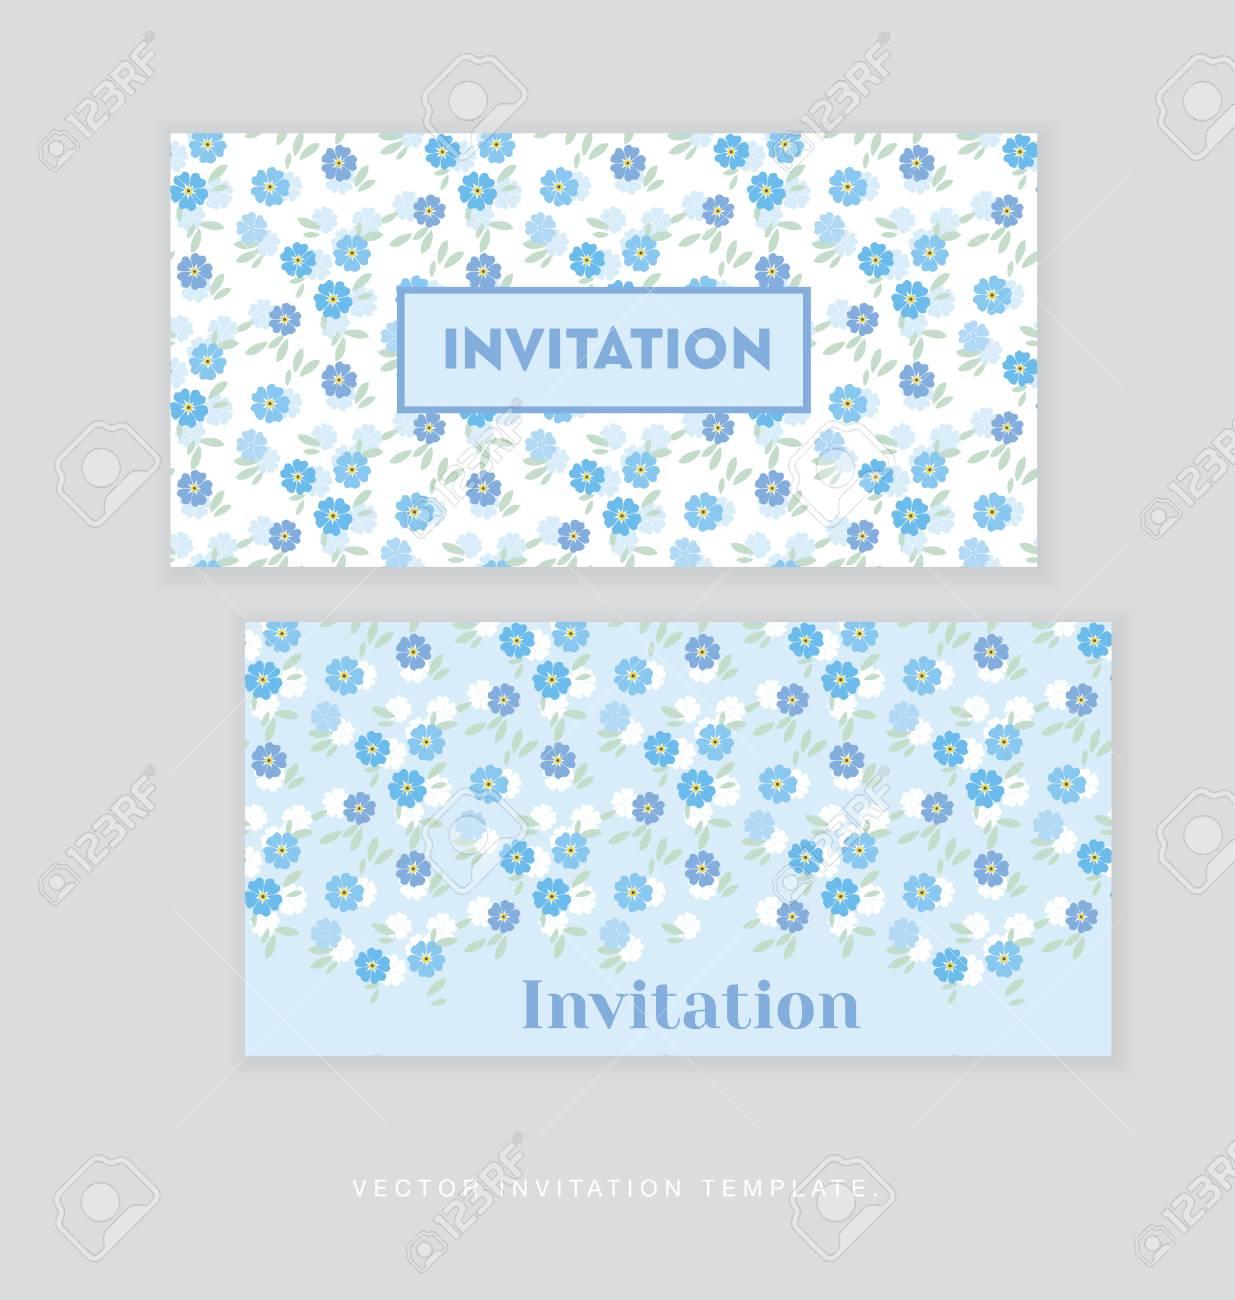 Flor De La Primavera Plantilla De Tarjeta De Invitación Ilustración Vectorial Sencillo Elegante Floral Para Cabecera Cubierta Impresiones De La